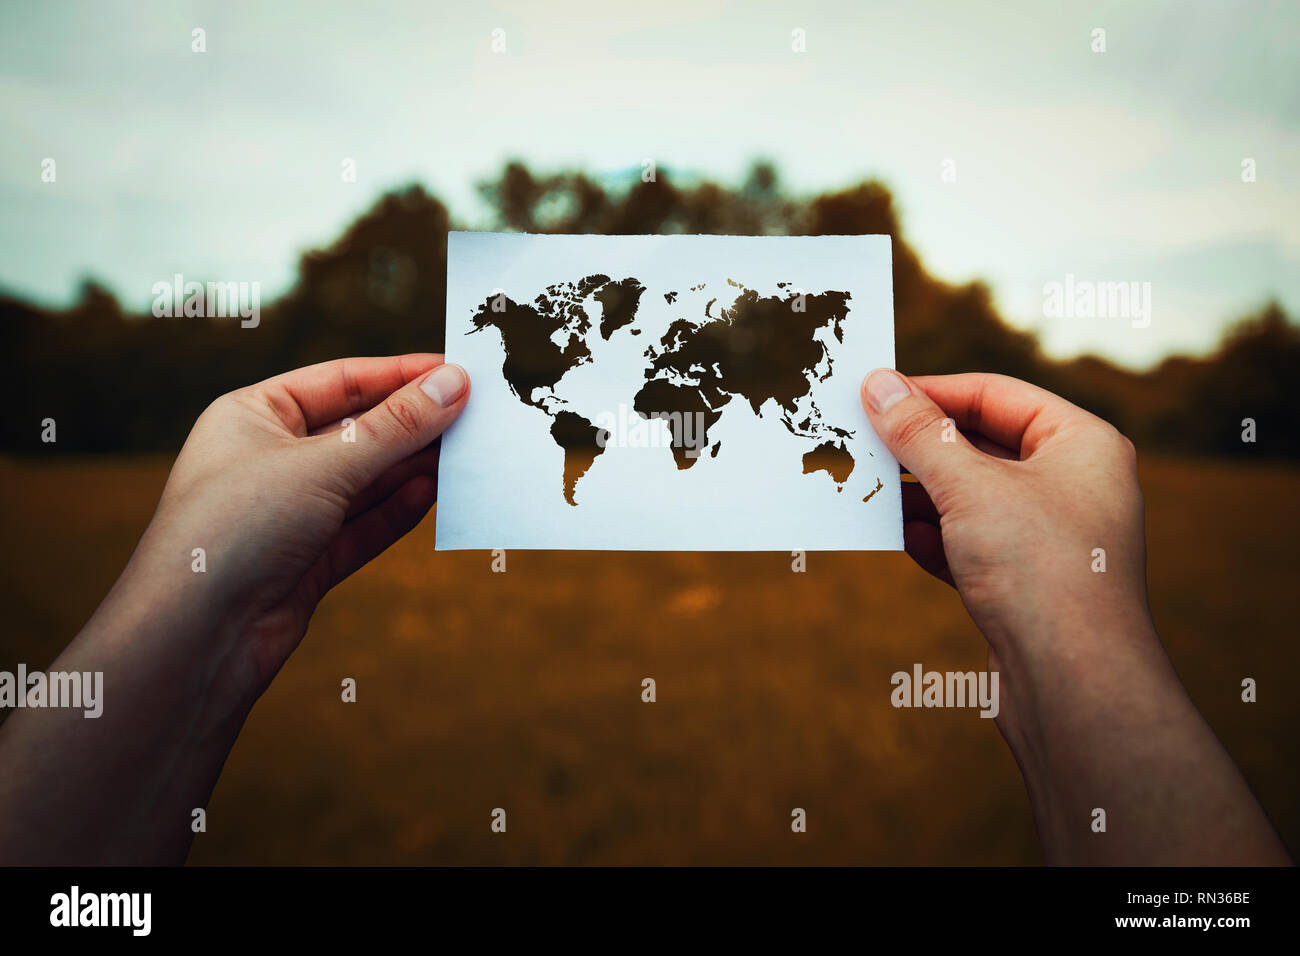 Problème de changement climatique, destruction de la nature concept. La main de l'homme tenant une feuille de papier avec l'icône de carte du monde sur un champ d'herbe sèche. Global Photo Stock